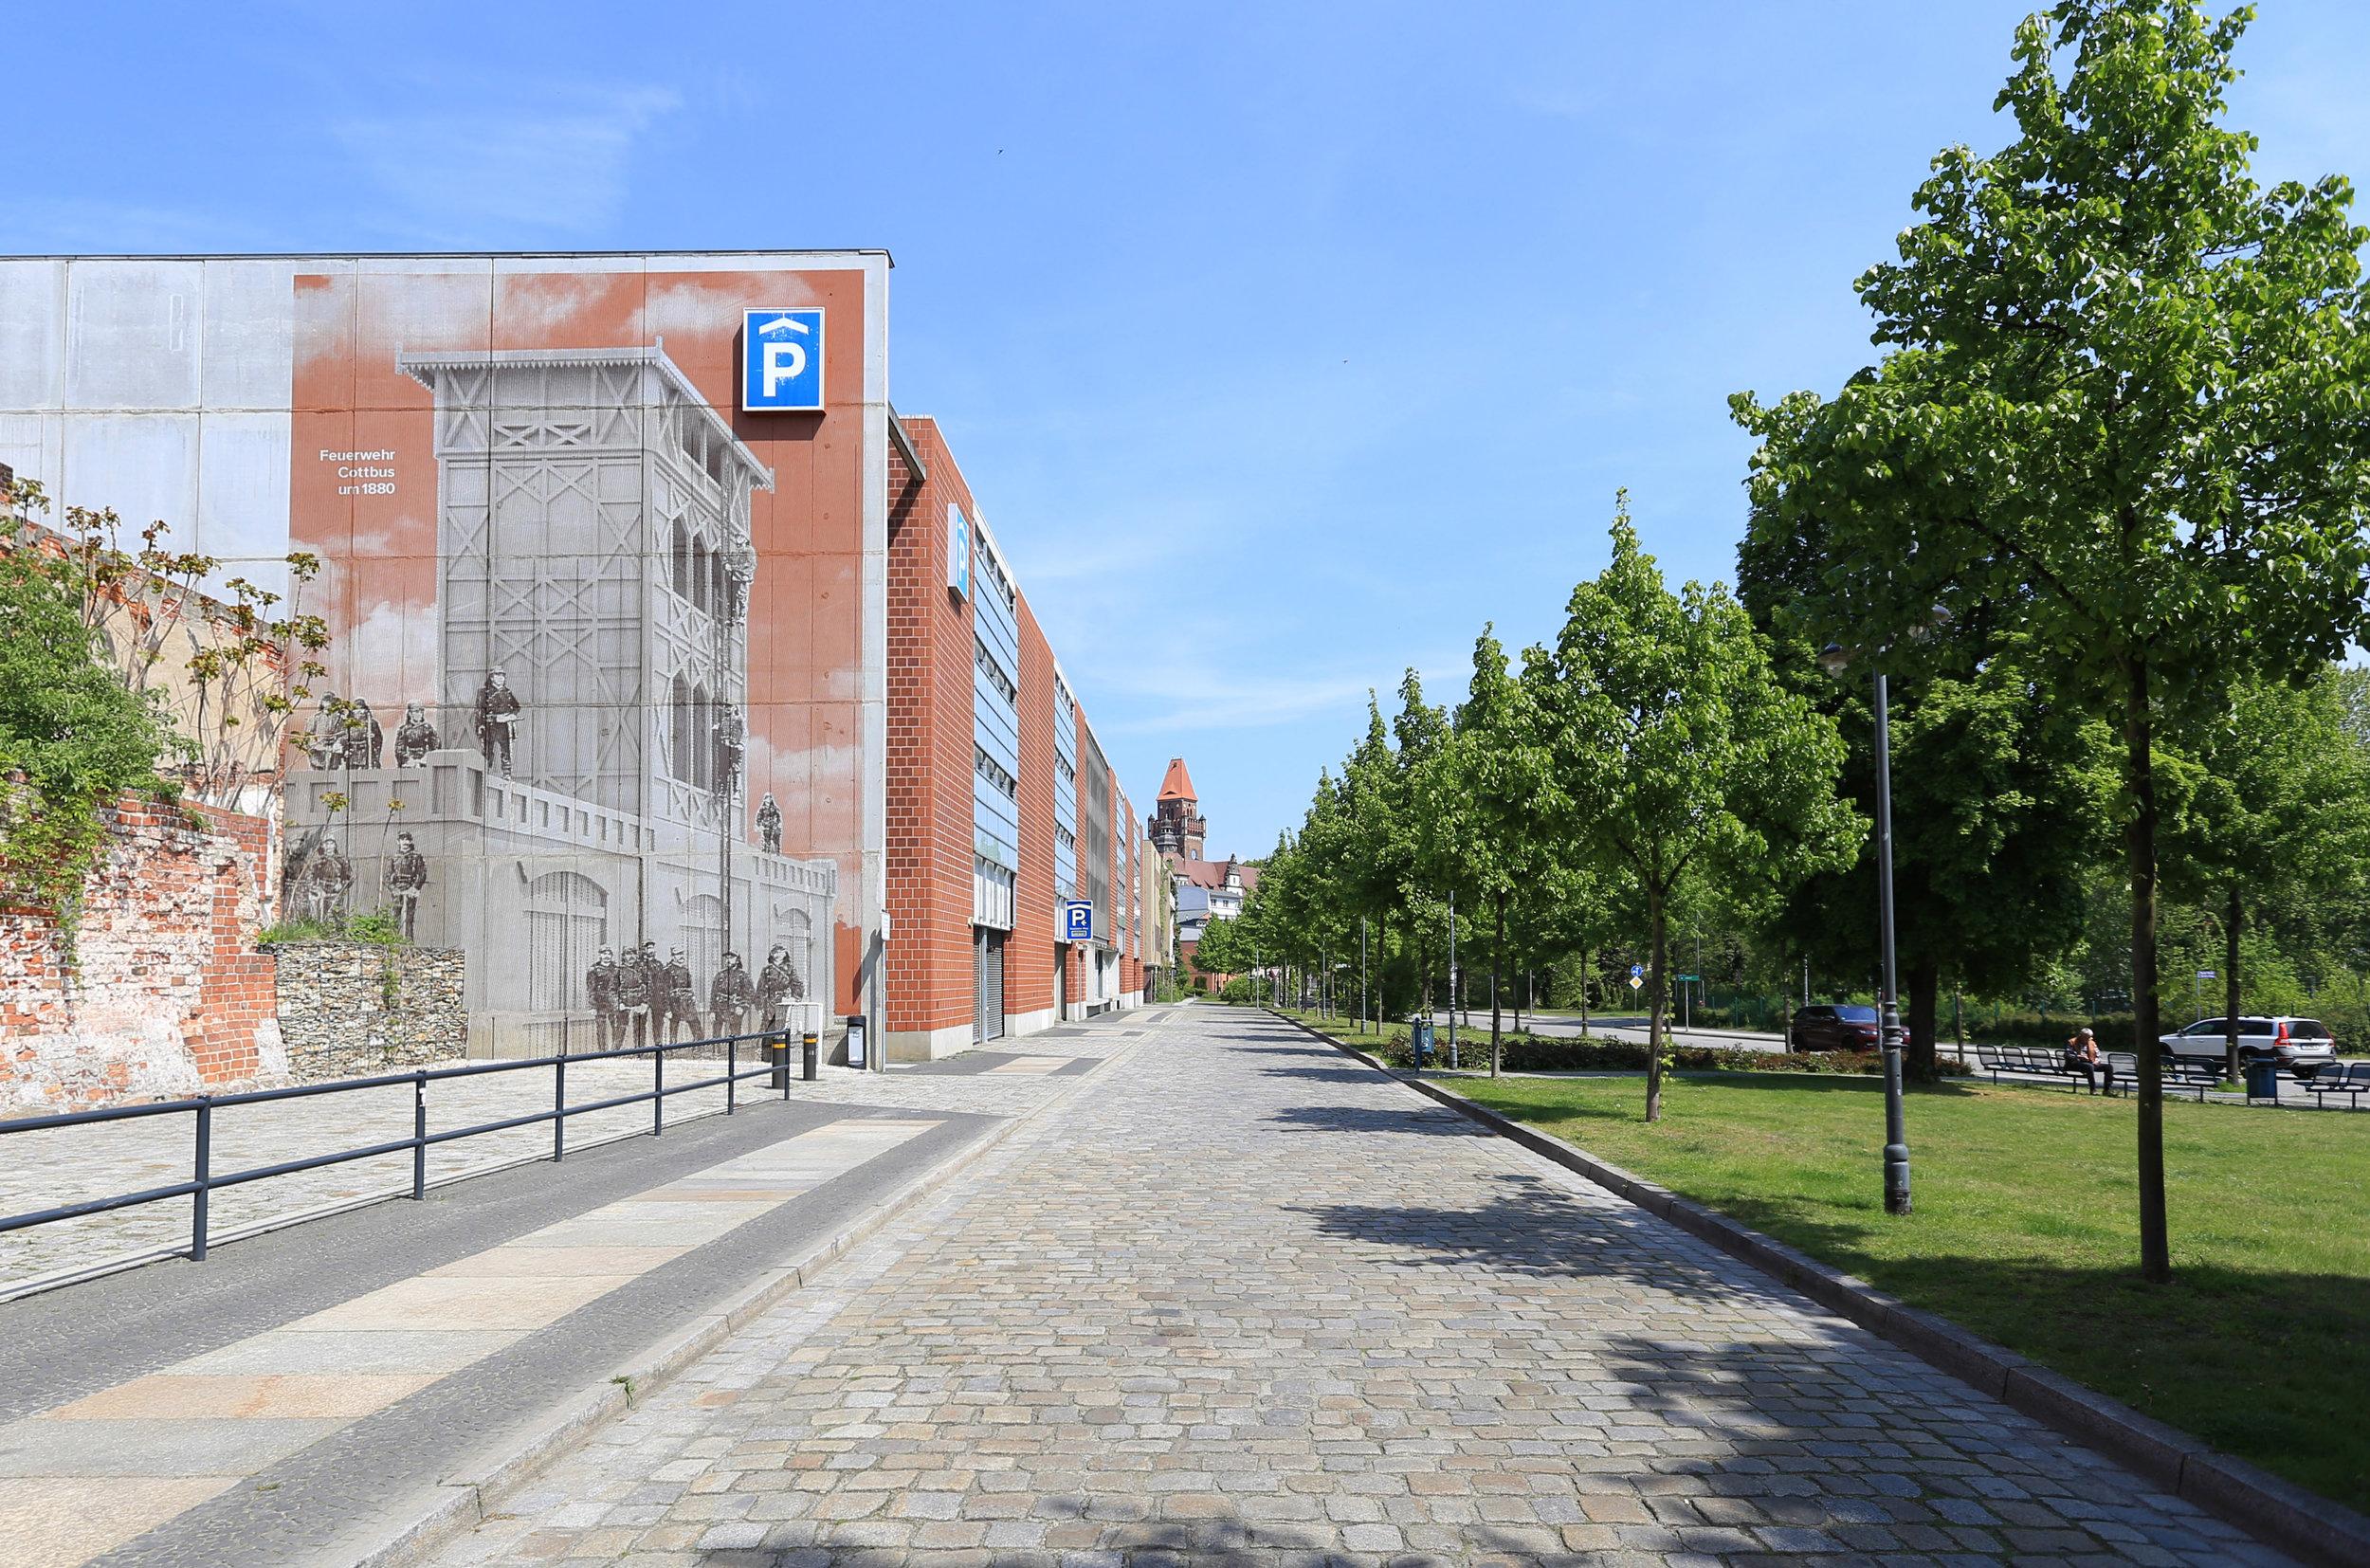 Feuerwehr_Historisch_Wandgestaltung_Fassade_Parkhaus_Rasterbild